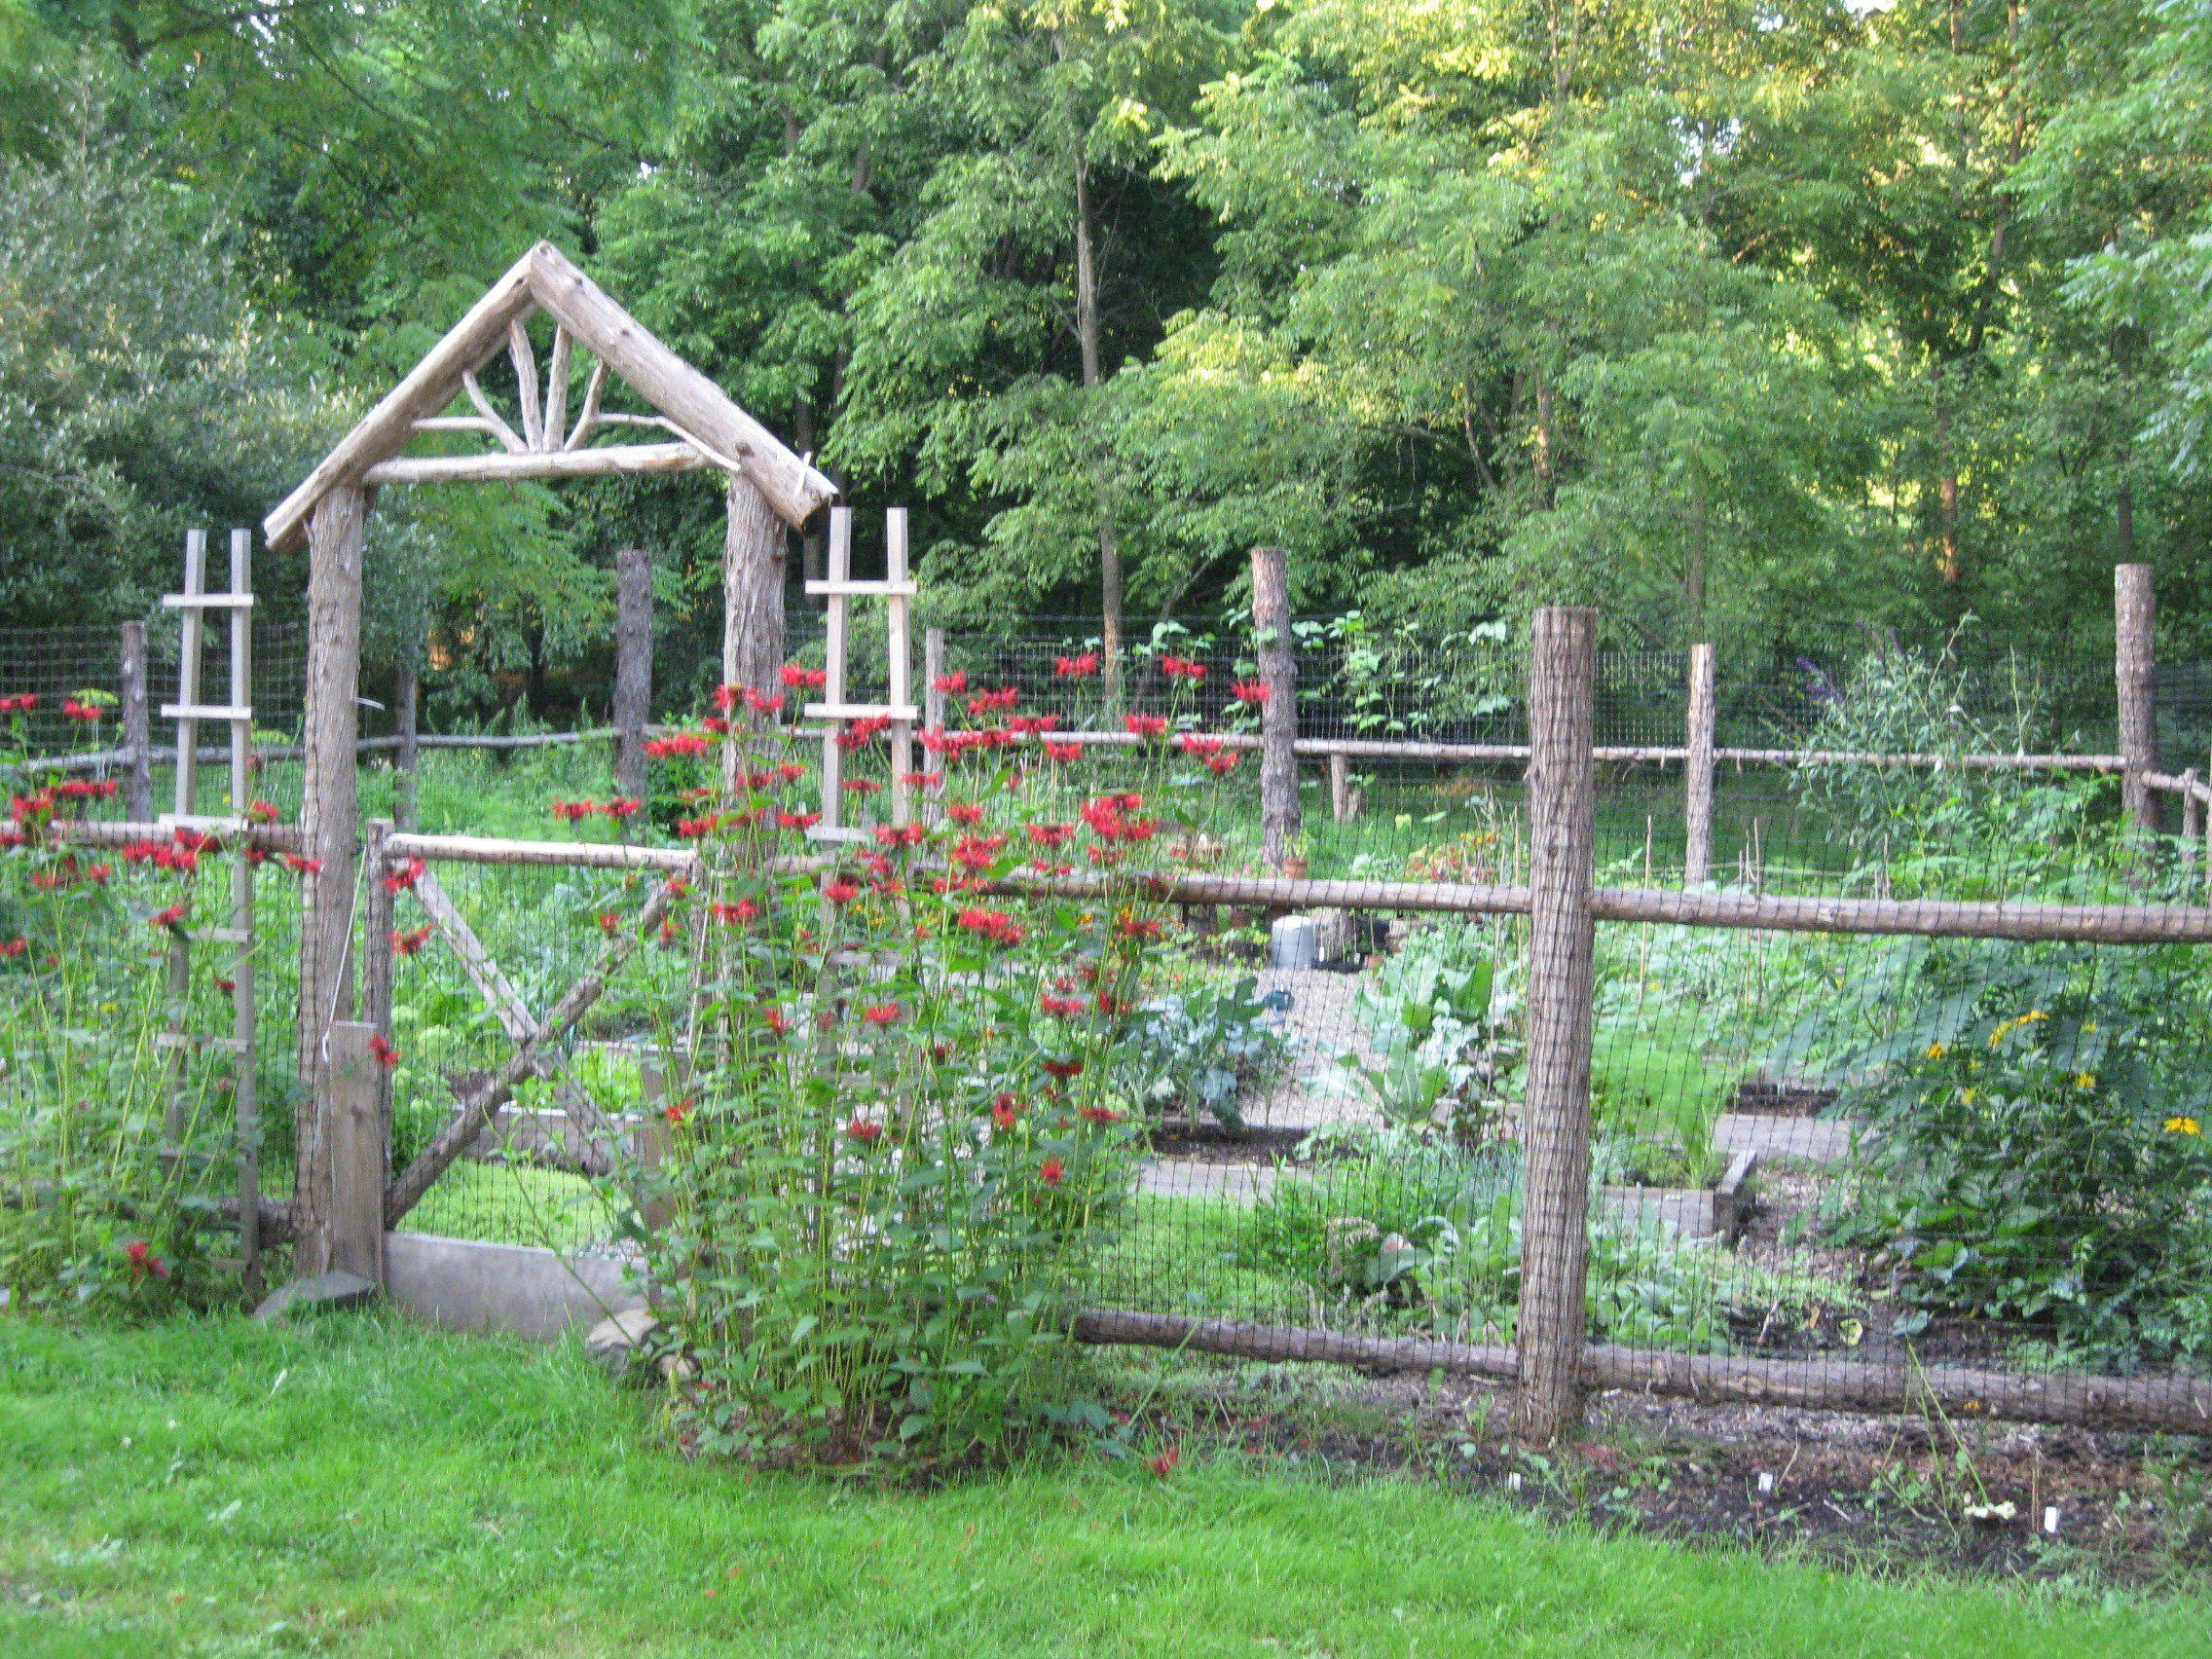 garden-and-patio-backyard-vegetable-garden-house-design-with-diy ...